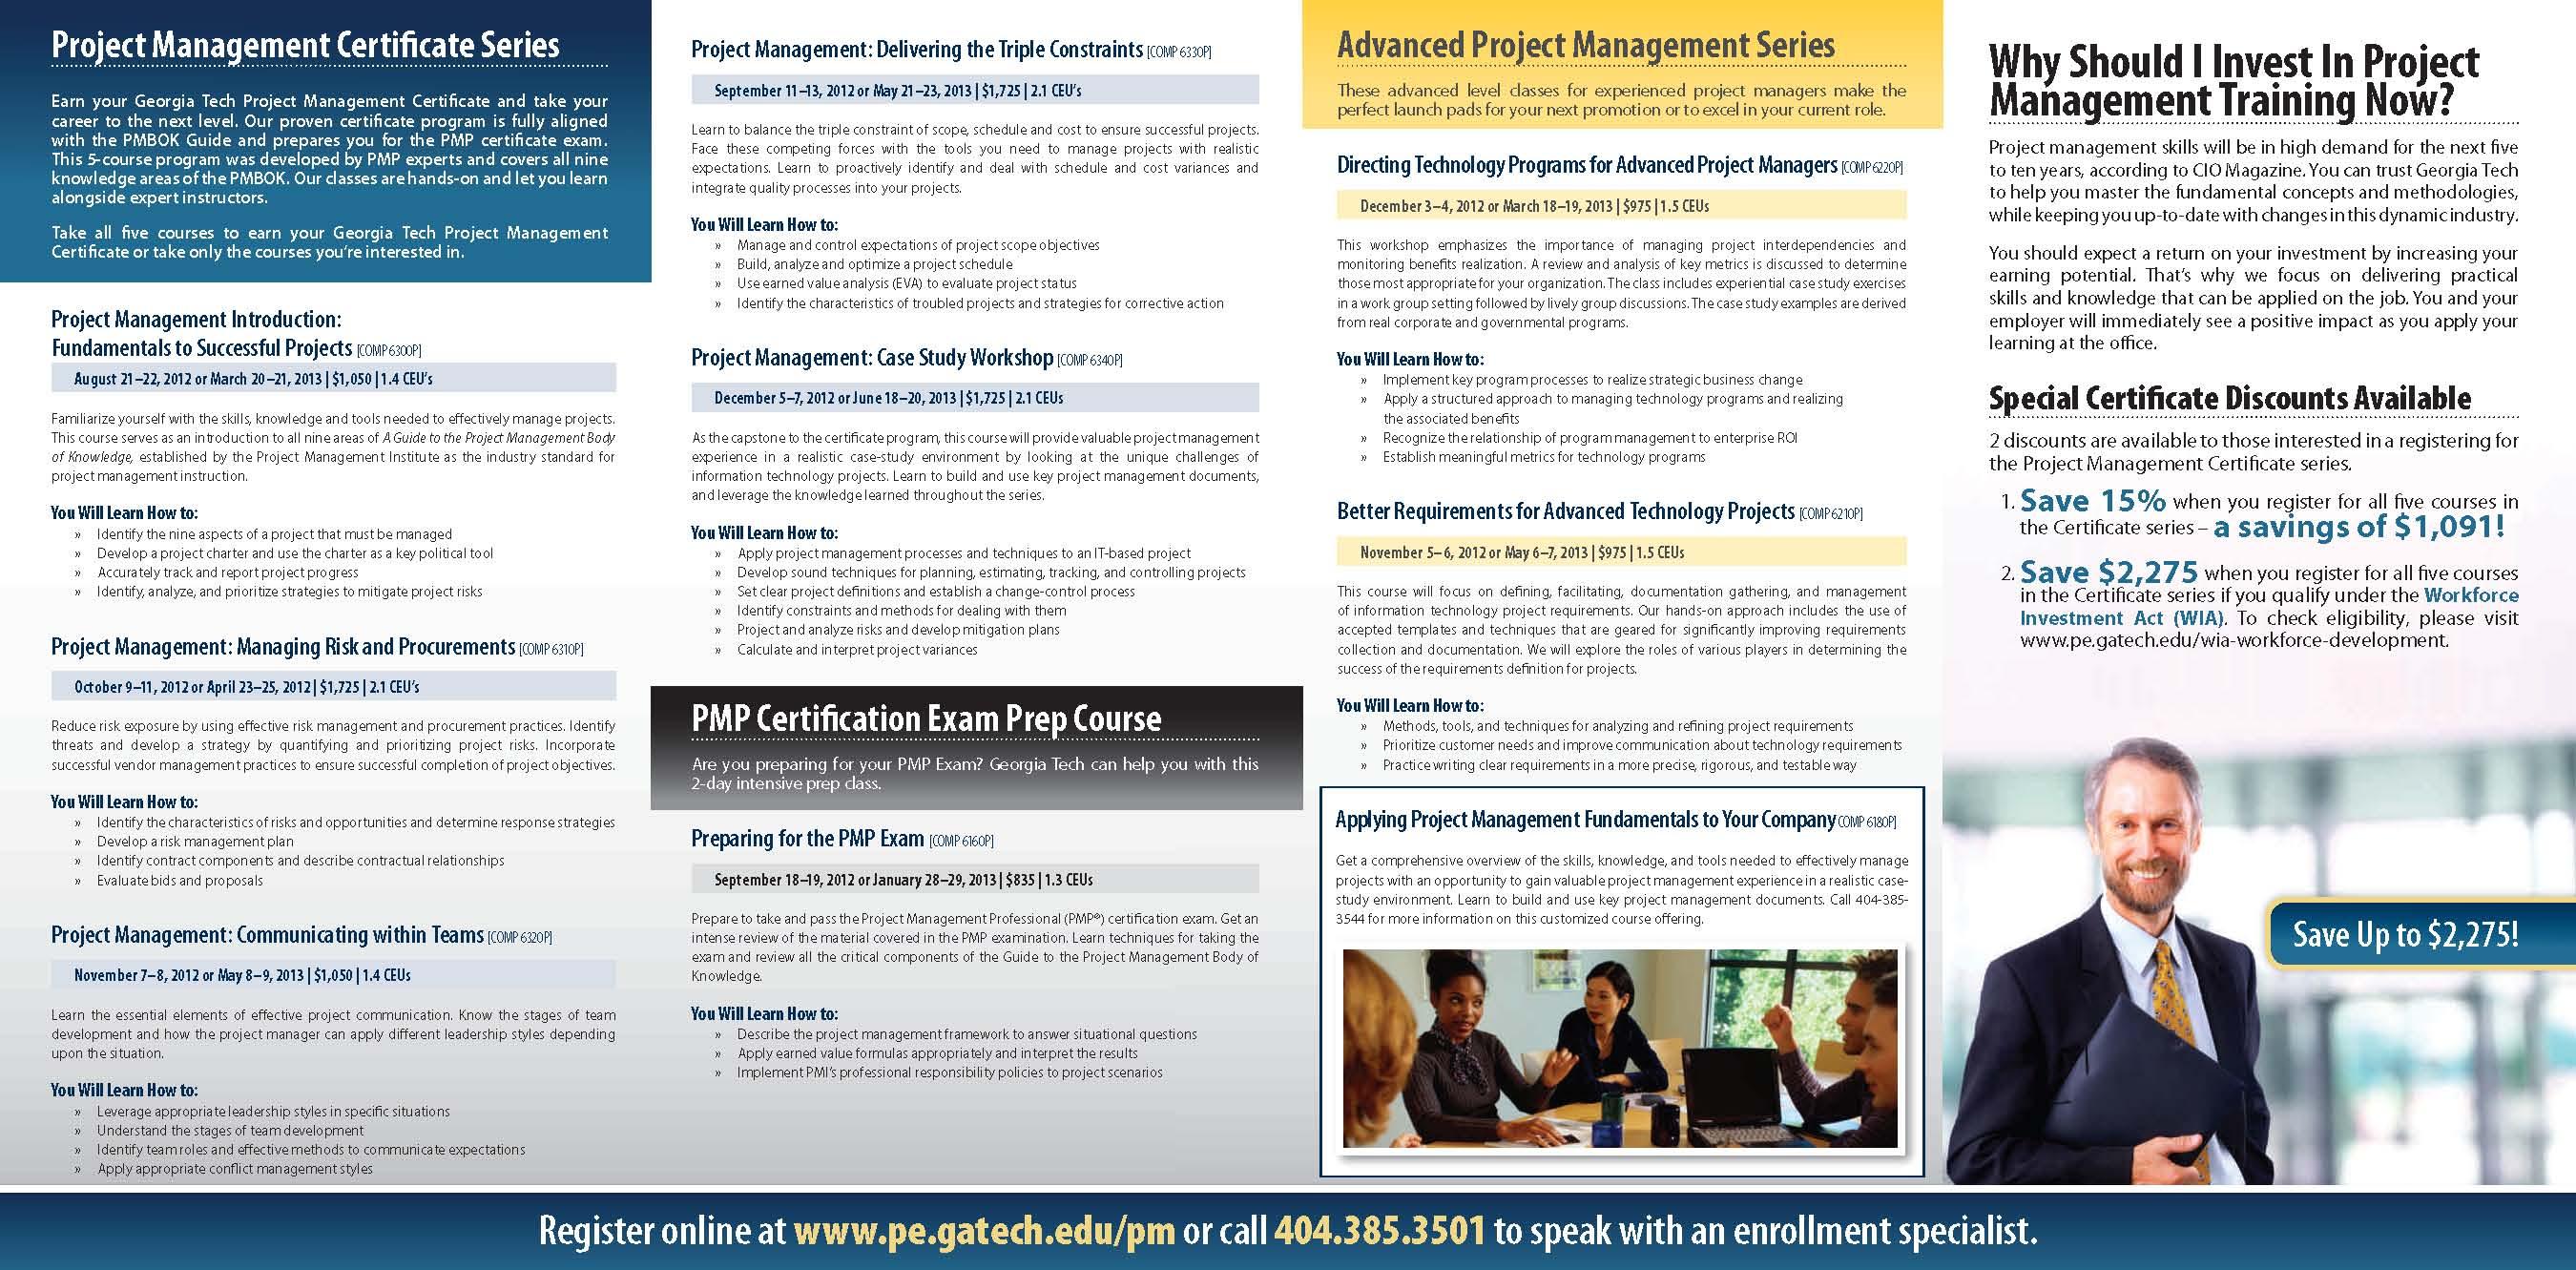 Georgia Tech Professional Education Course Prepares Participants For